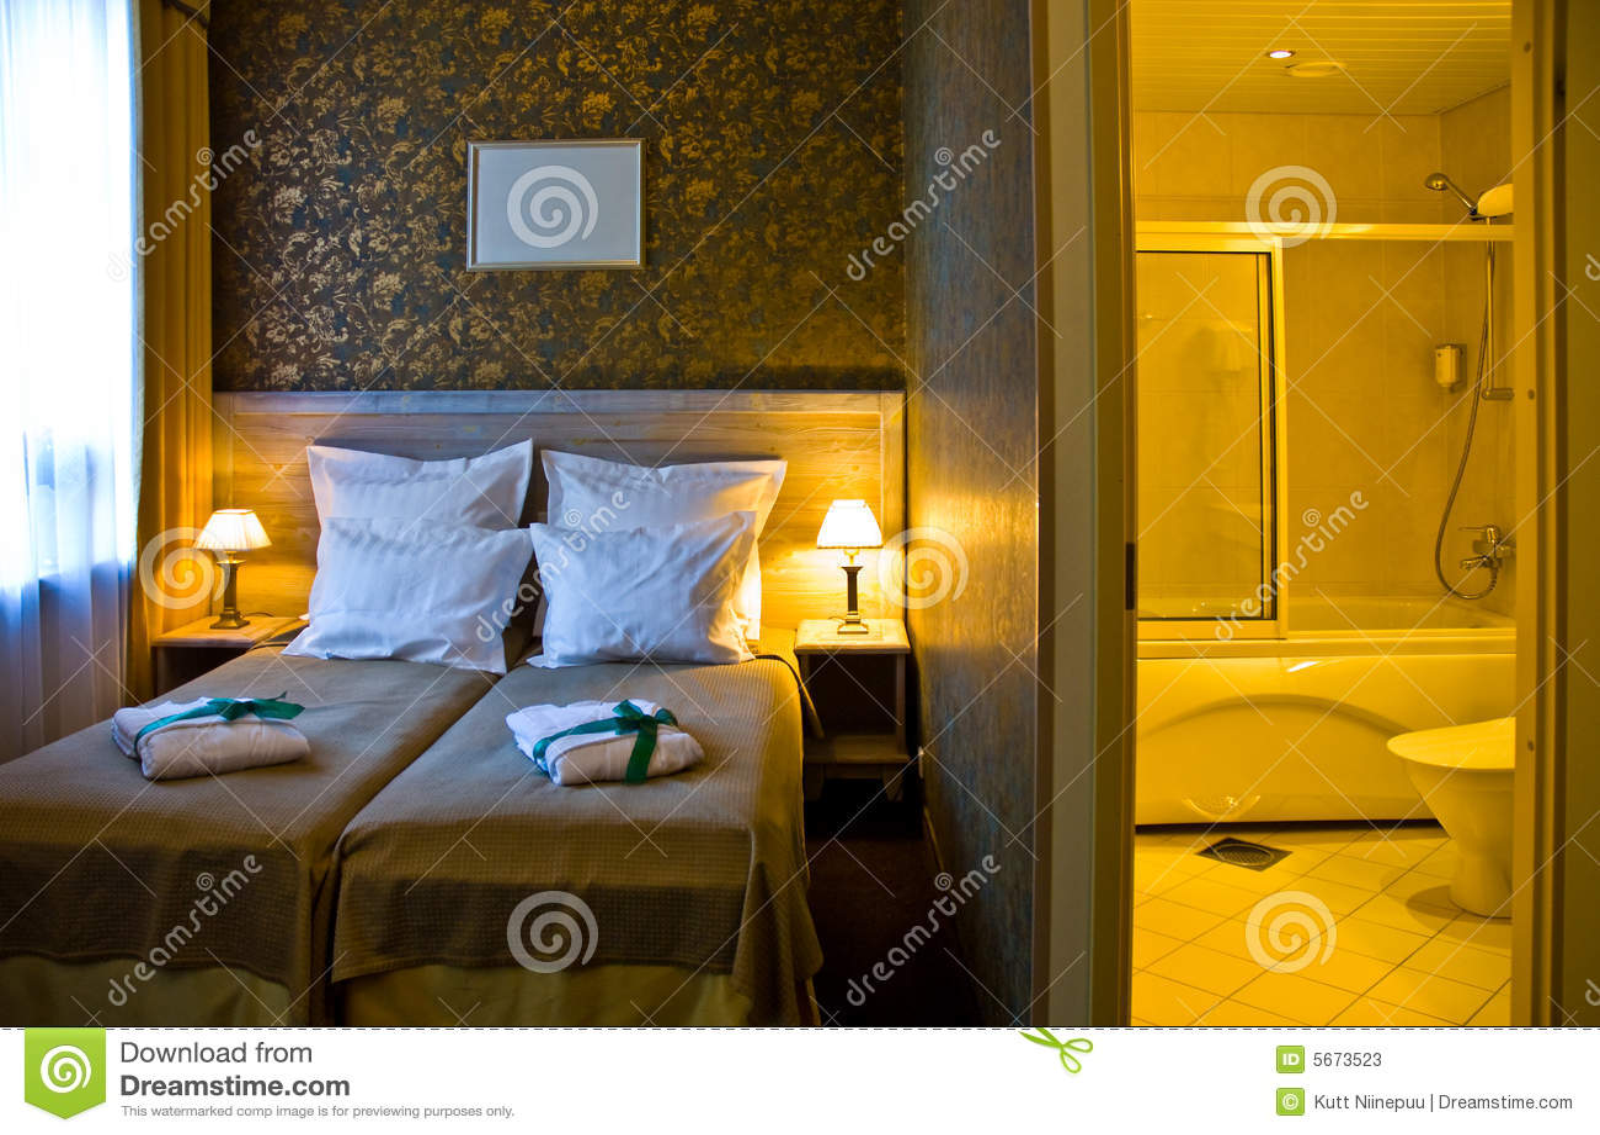 Quarto E Banheiro Do Hotel Fotos de Stock Imagem: 5673523 #C58906 1300x939 Acessorios Para Banheiro Hotel